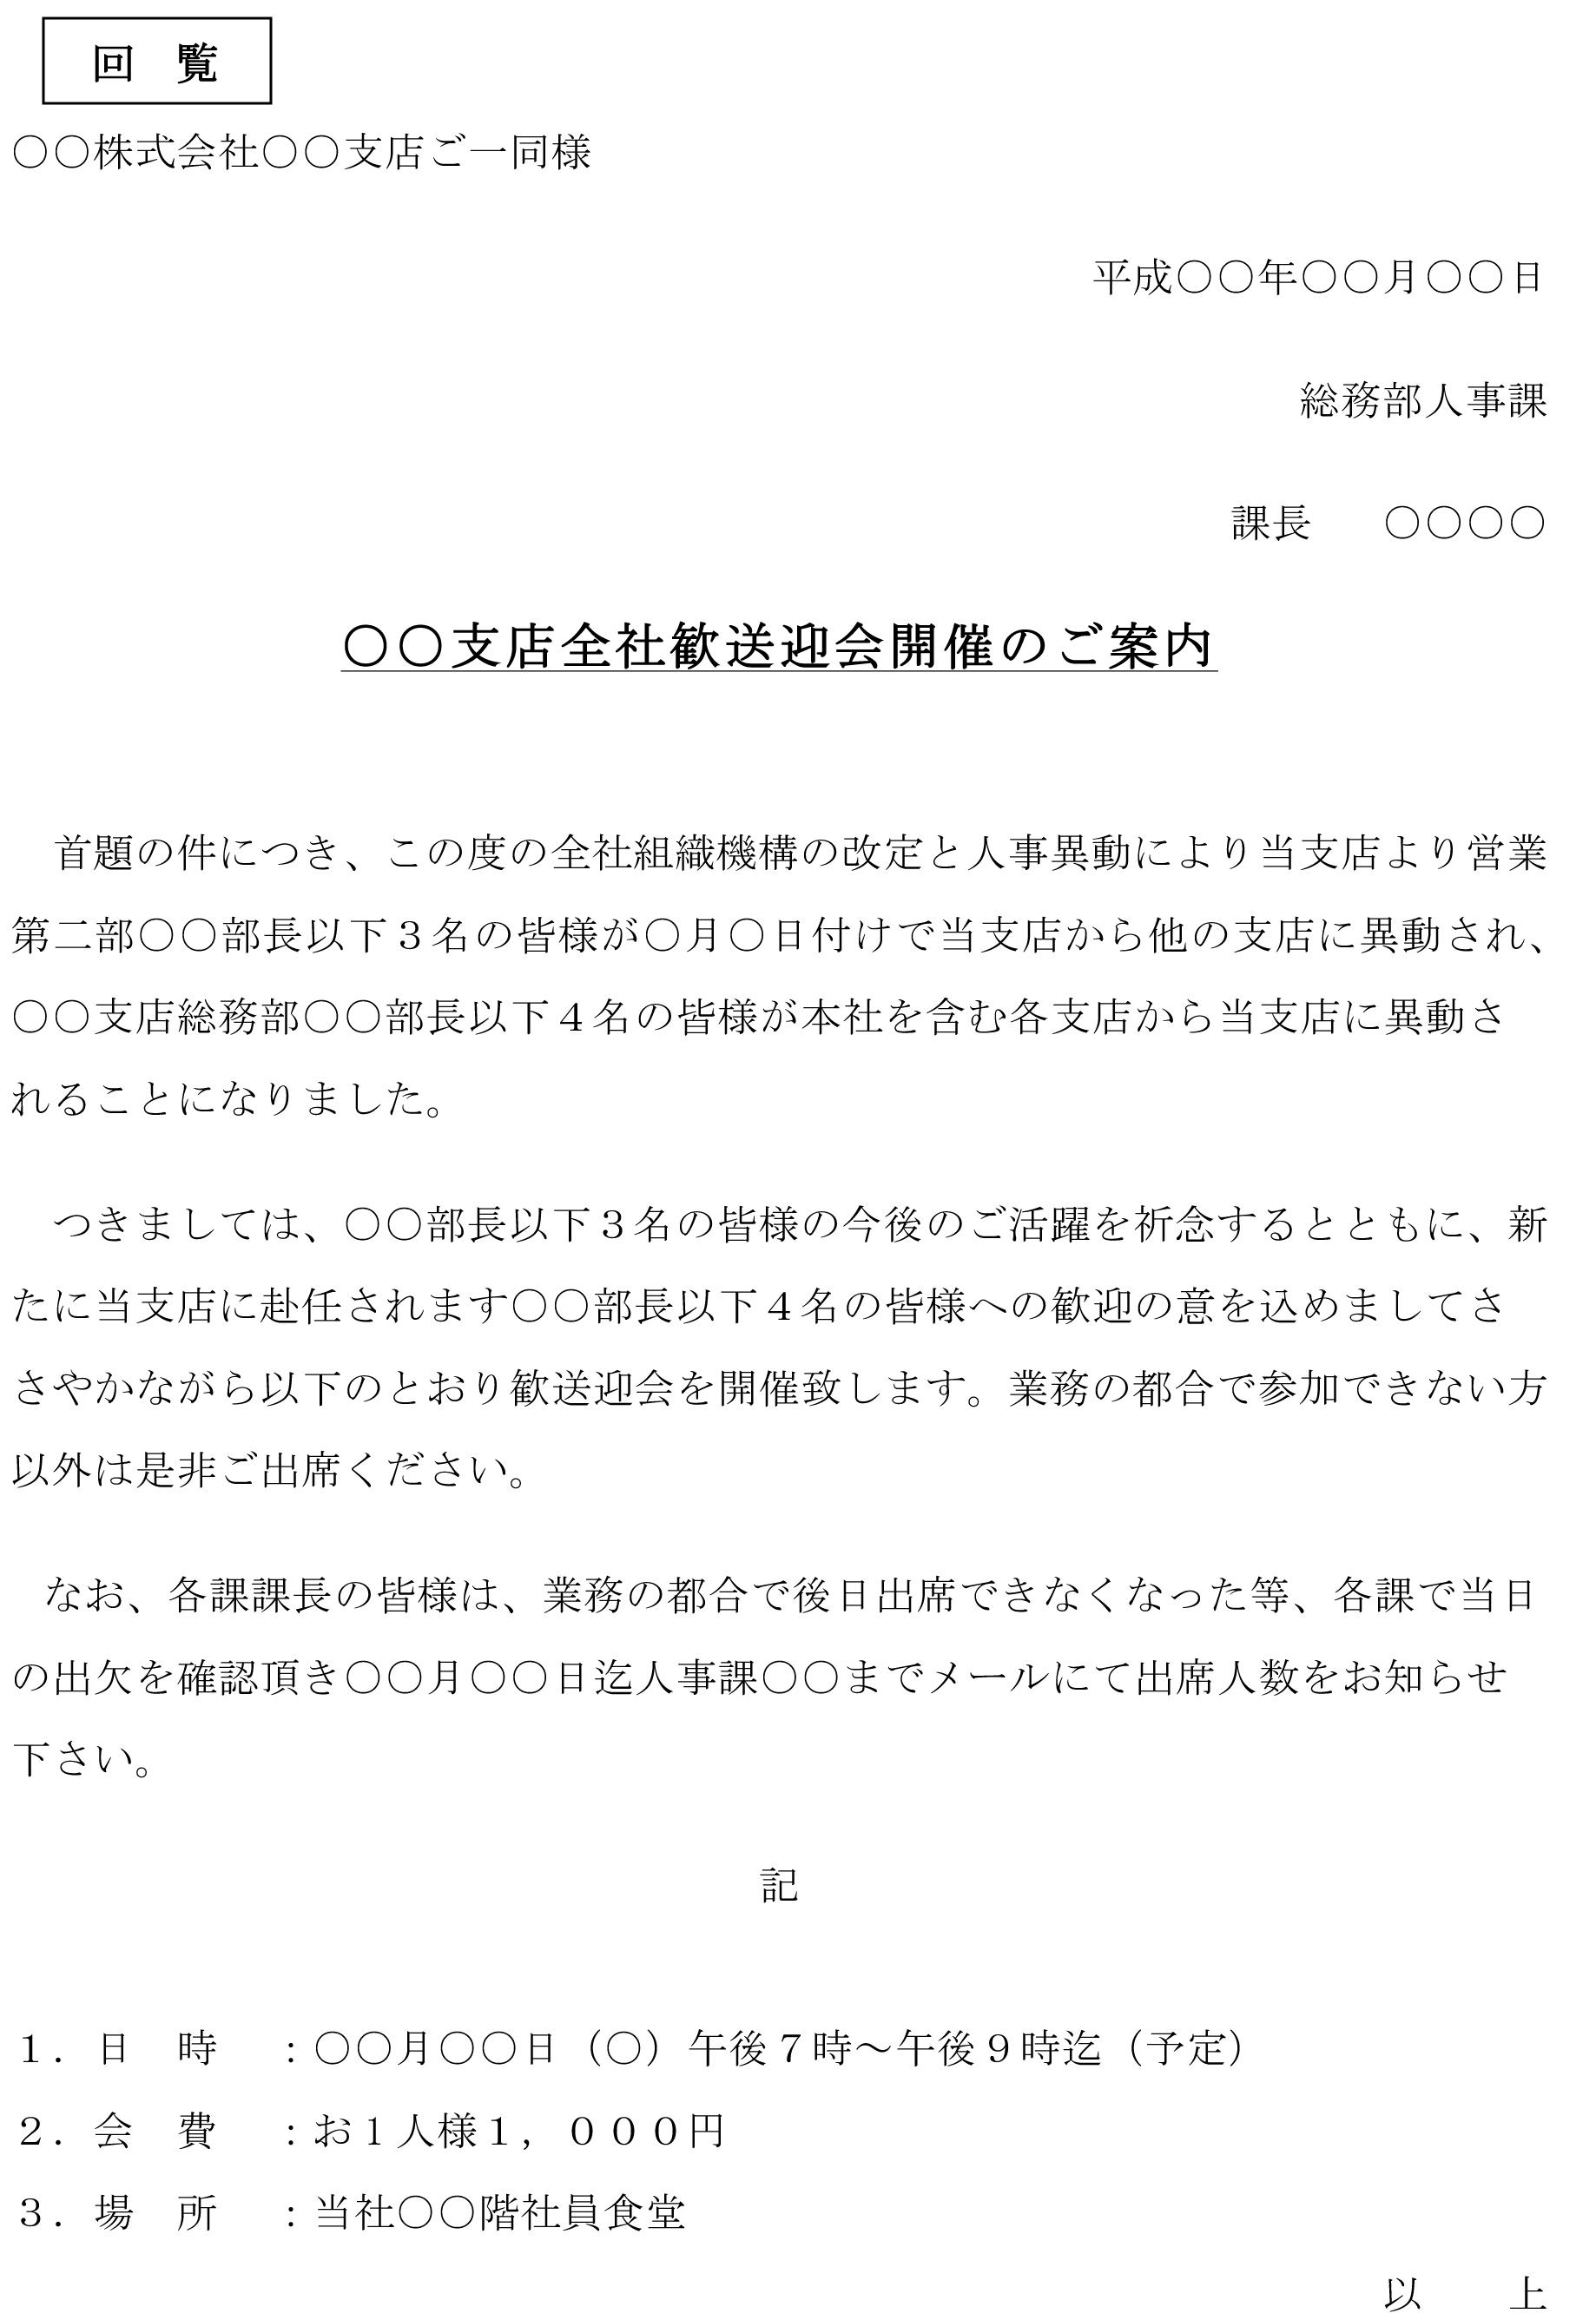 案内状(○○支店全社歓送迎会開催)